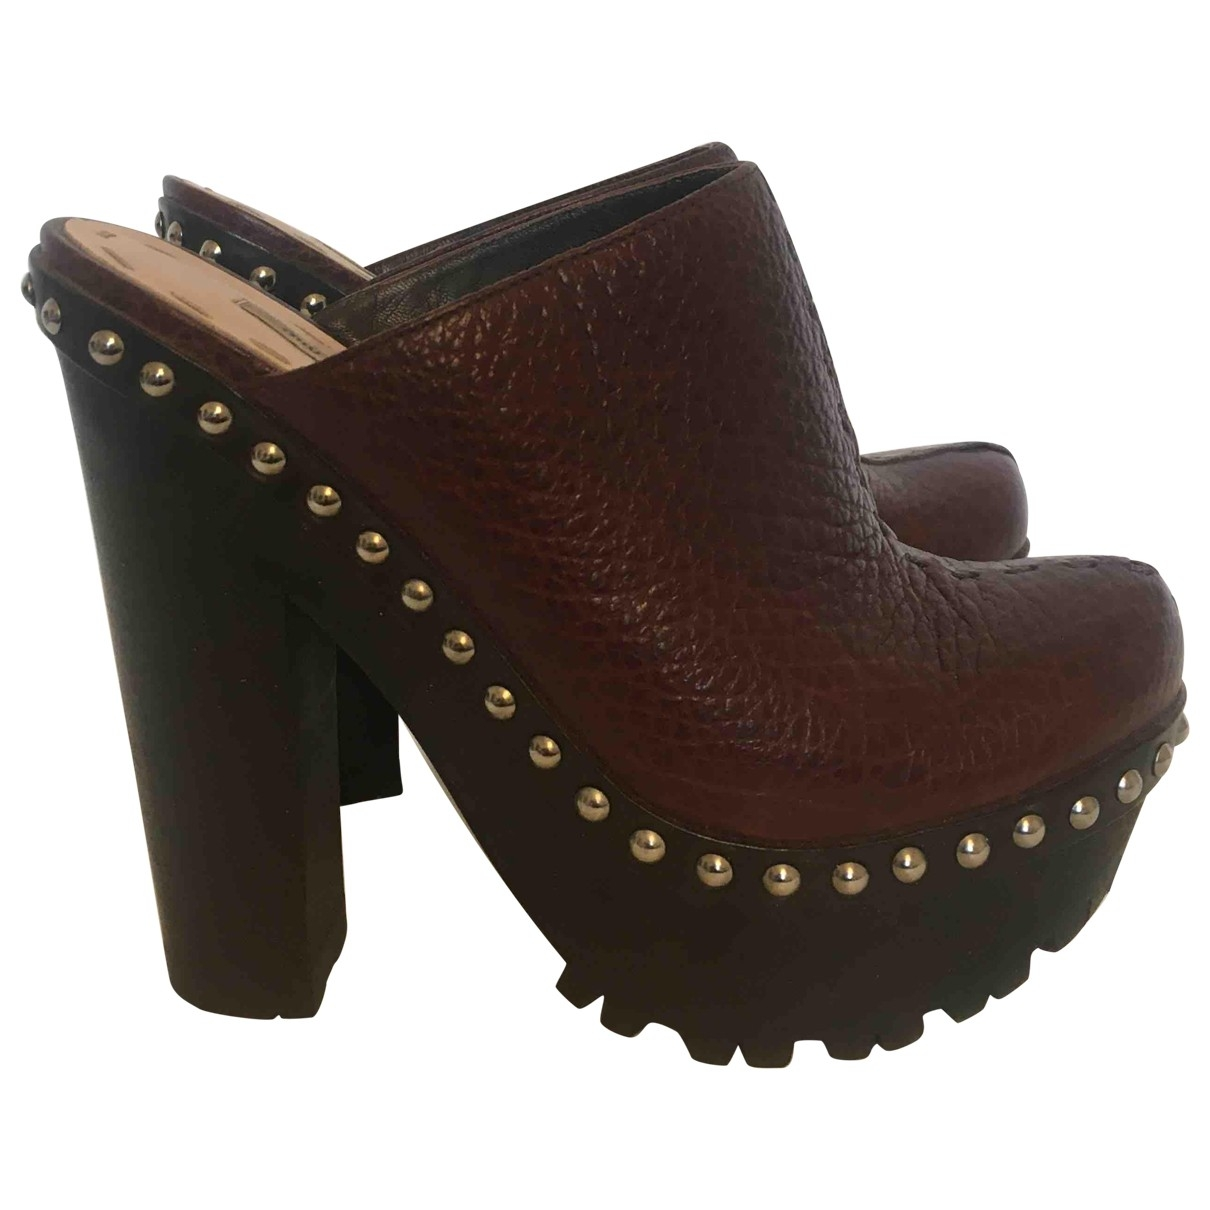 Miu Miu \N Brown Leather Mules & Clogs for Women 36.5 EU